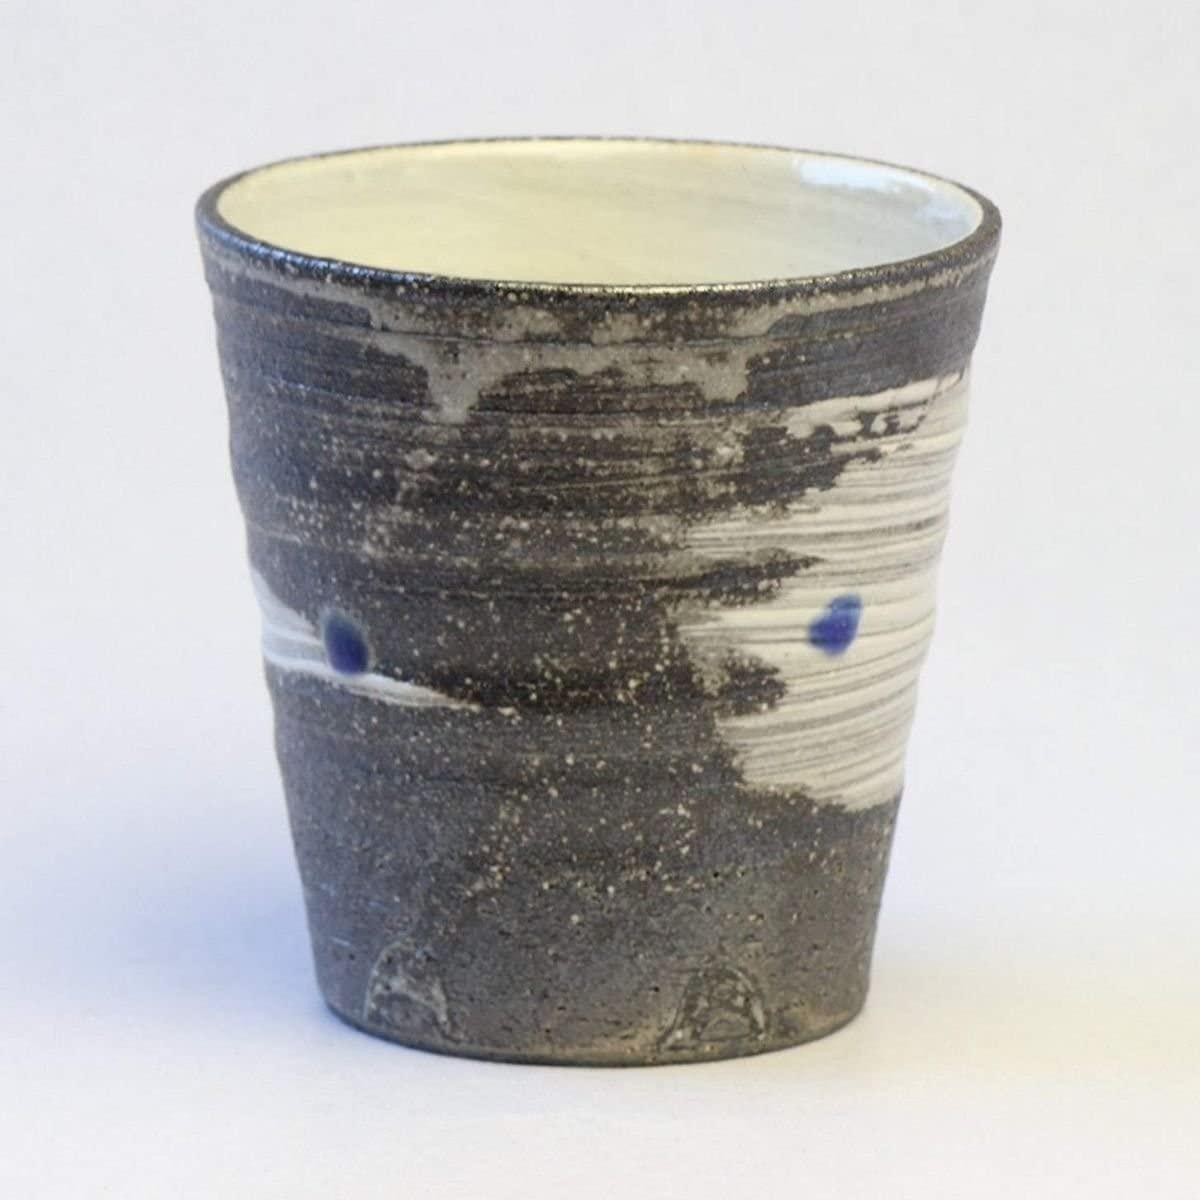 CtoC JAPAN Select(しーとぅーしーじゃぱんせれくと)信楽焼 焼酎グラス 天の川(青) W919-07の商品画像2